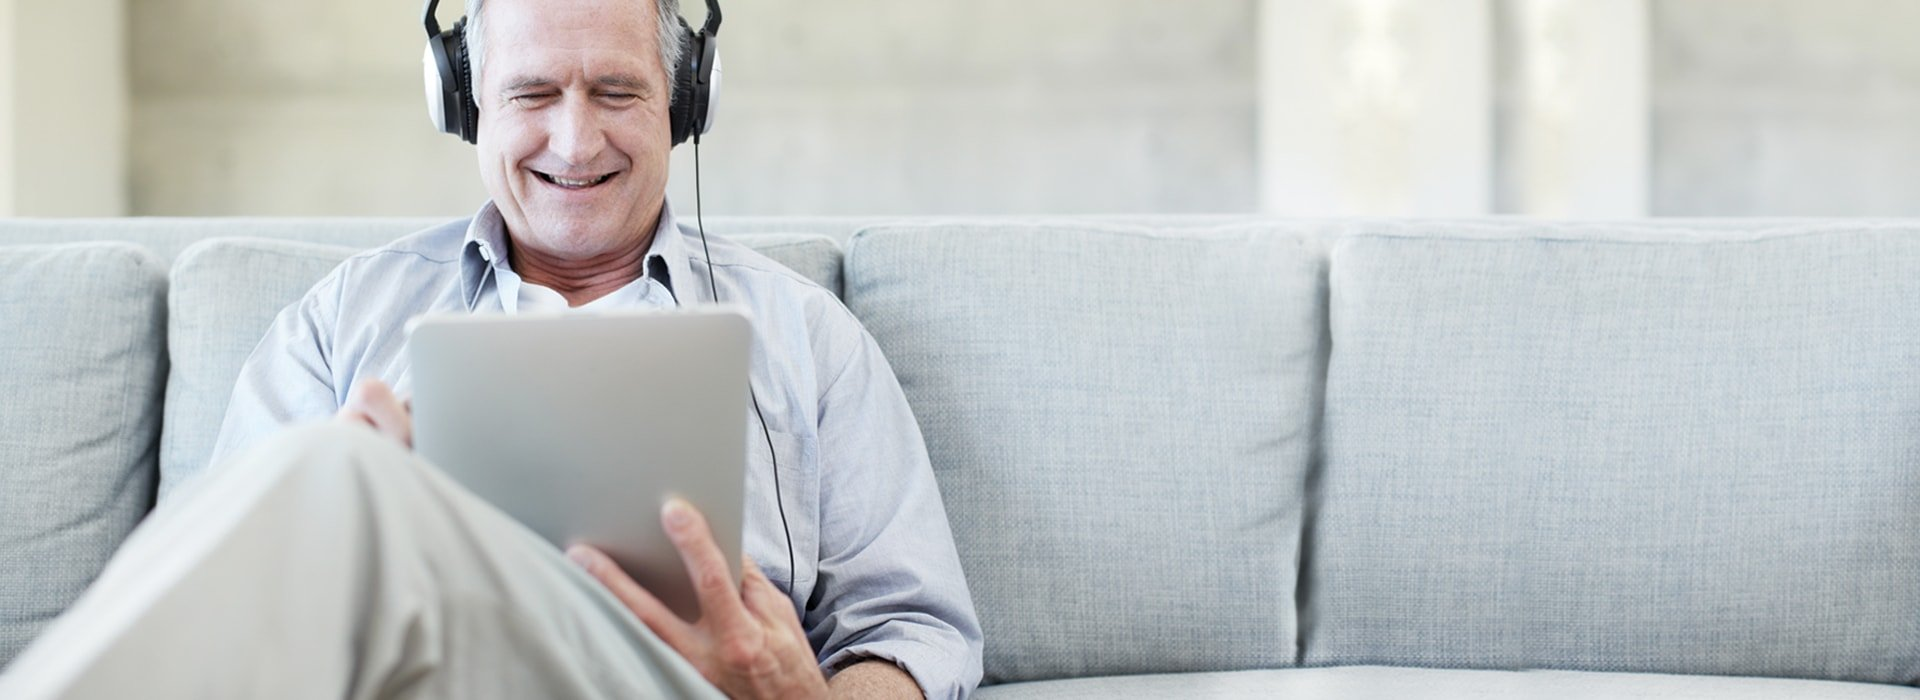 Hombre sentado en el sofá comprobando su audición con la prueba de audición en línea.